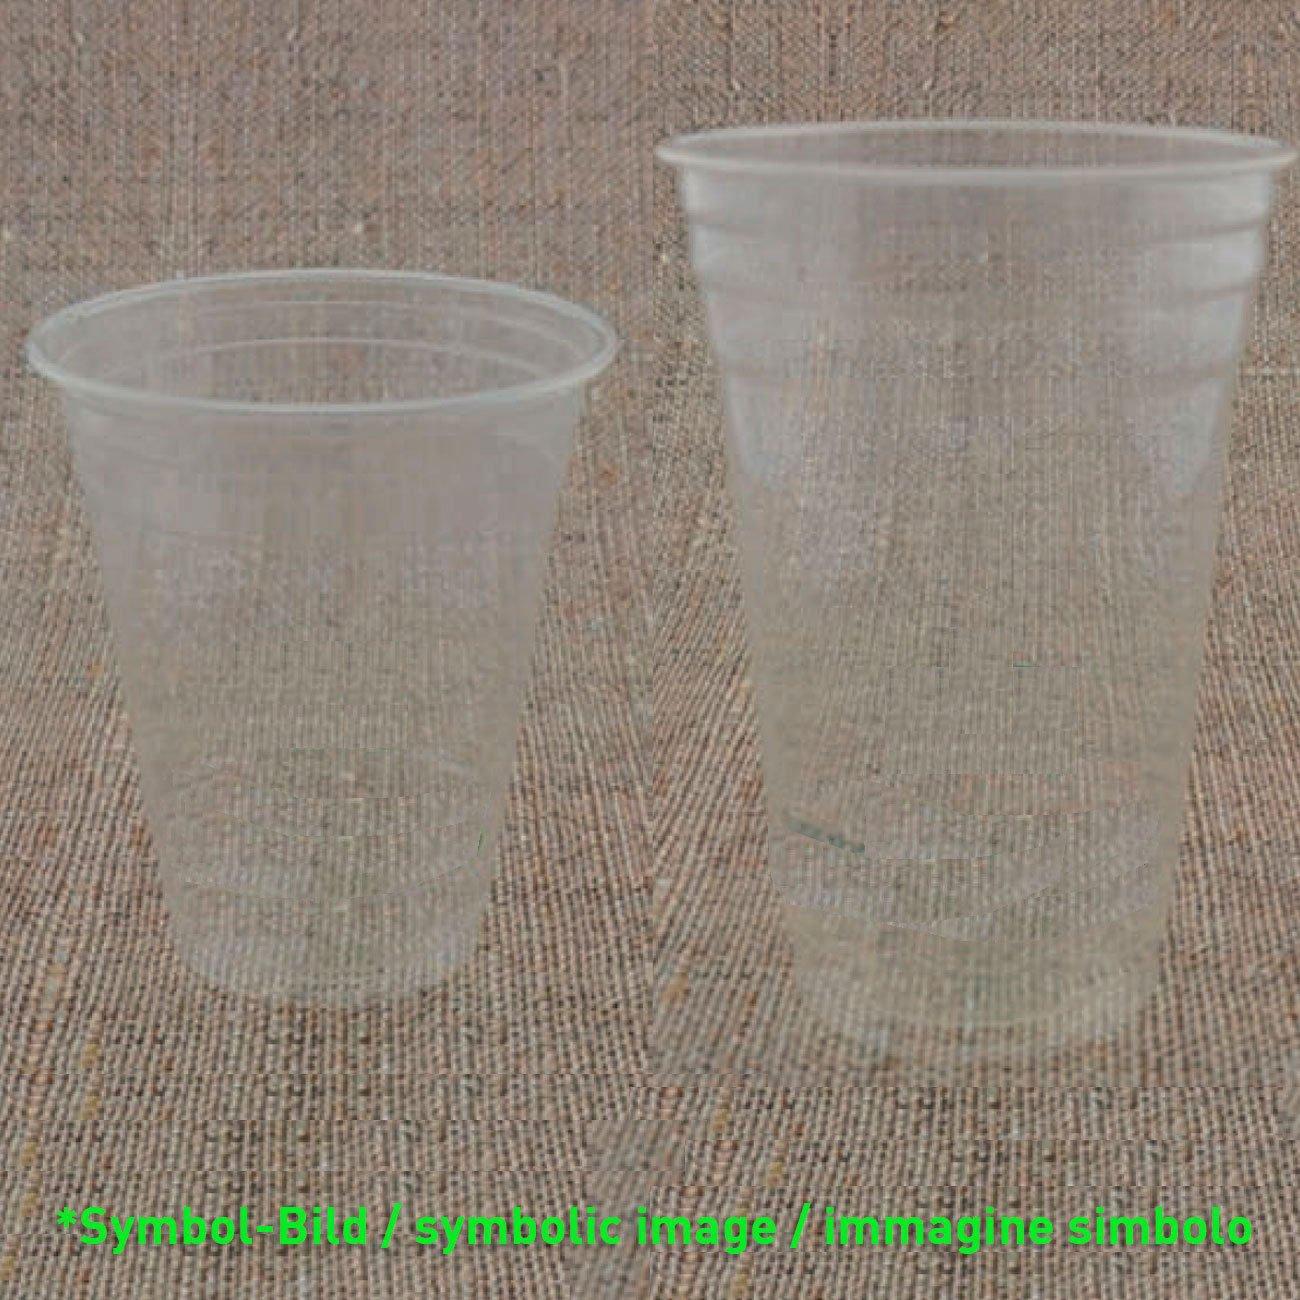 piecbiodegradable clear cup PLA 300 - 350 ccm - box 1.000 pieces